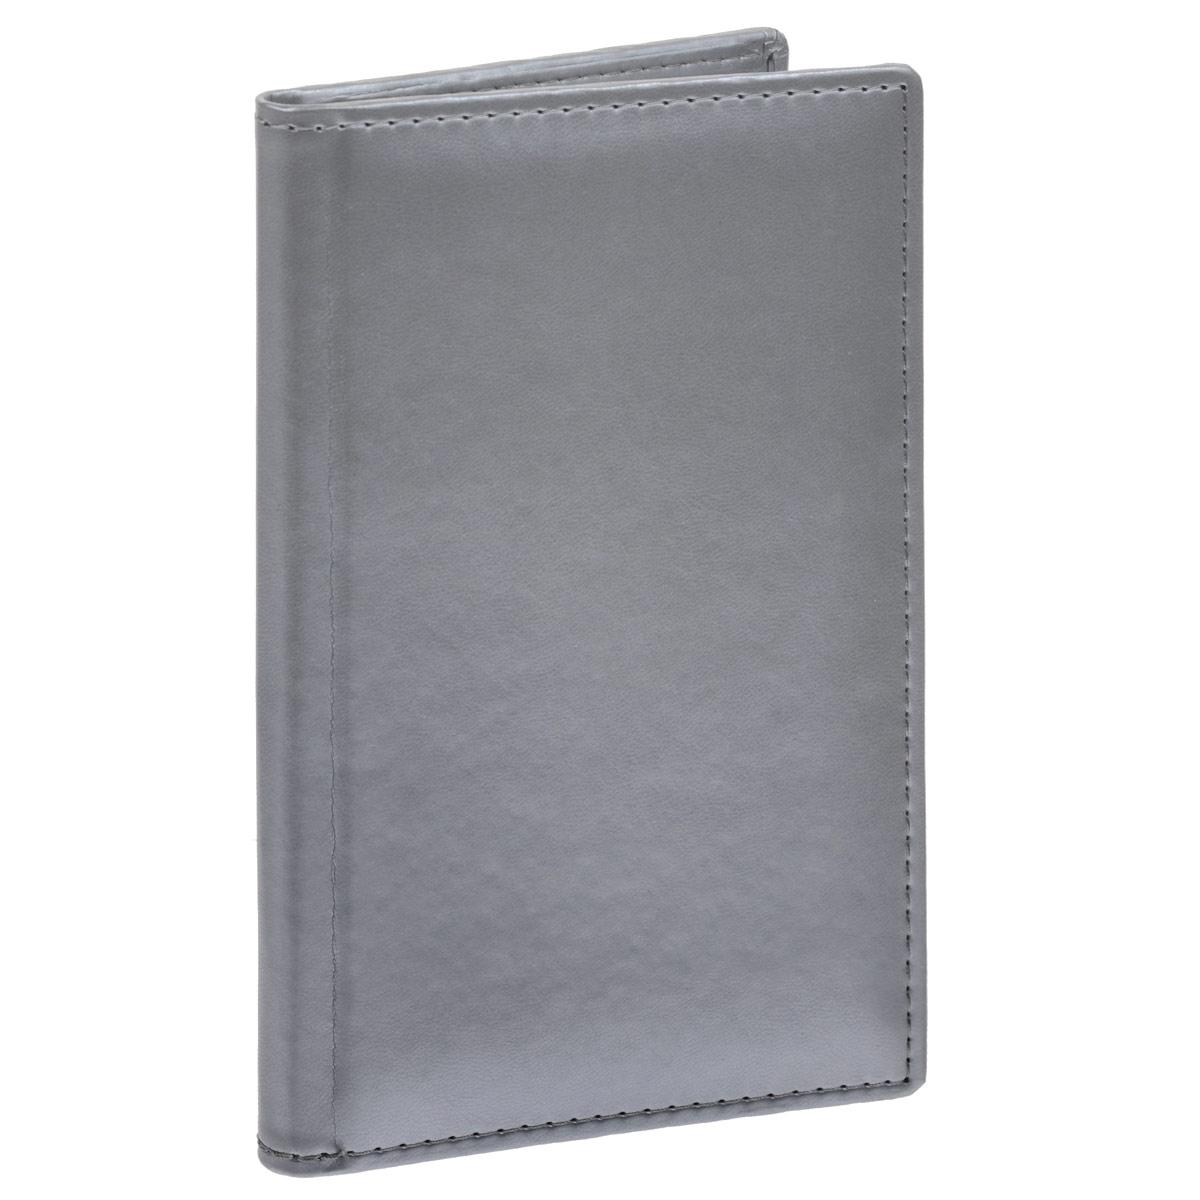 Визитница Berlingo Caprice Thermo, на 96 визиток, цвет: серебристый. 48Вз5_0352648Вз5_03526Вместительная визитница Berlingo Caprice Thermo изготовлена из искусственной кожи. Лицевая сторона оформлена тиснением в виде бренда. Внутри содержится съемный блок с кармашками из прозрачного мягкого пластика, рассчитанный на 96 визиток, а также боковой вместительный карман. Изделие упаковано в подарочную картонную упаковку. Стильная визитница подчеркнет вашу индивидуальность и изысканный вкус, а также станет замечательным подарком человеку, ценящему качественные и практичные вещи.